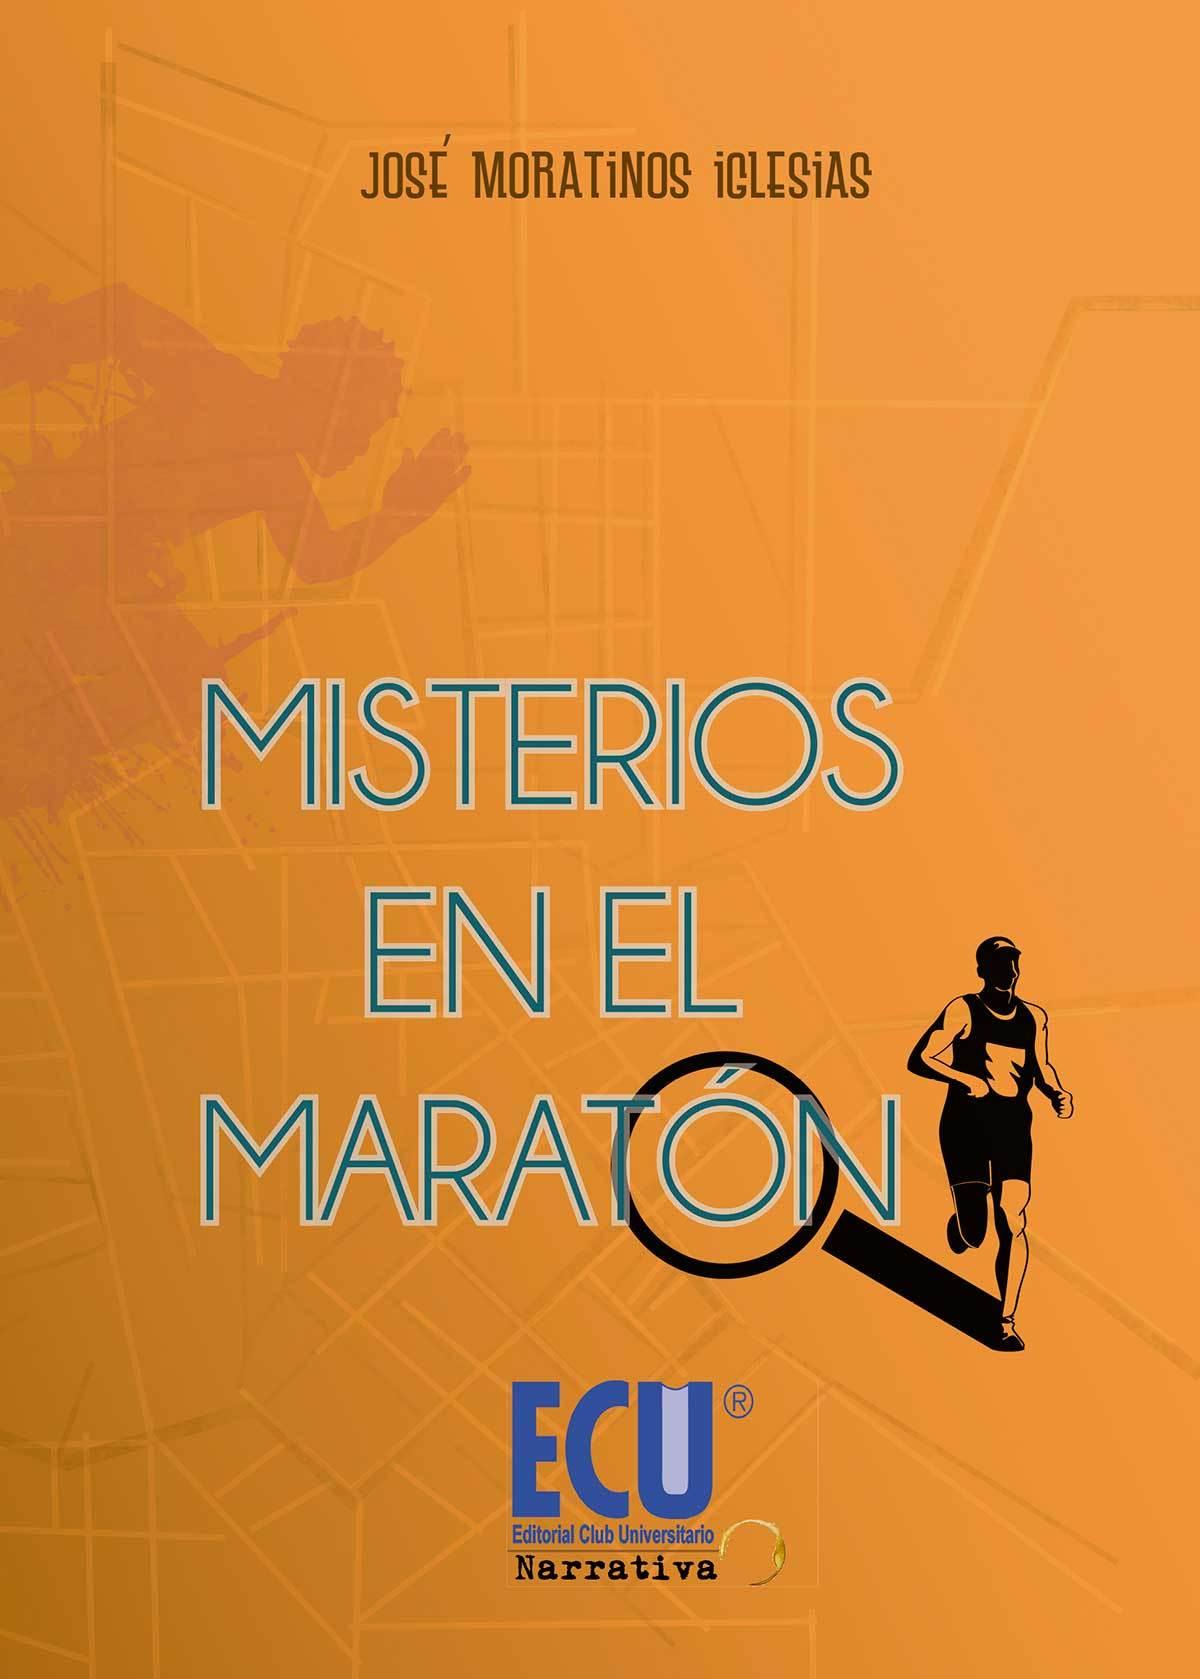 MISTERIOS EN EL MARATON